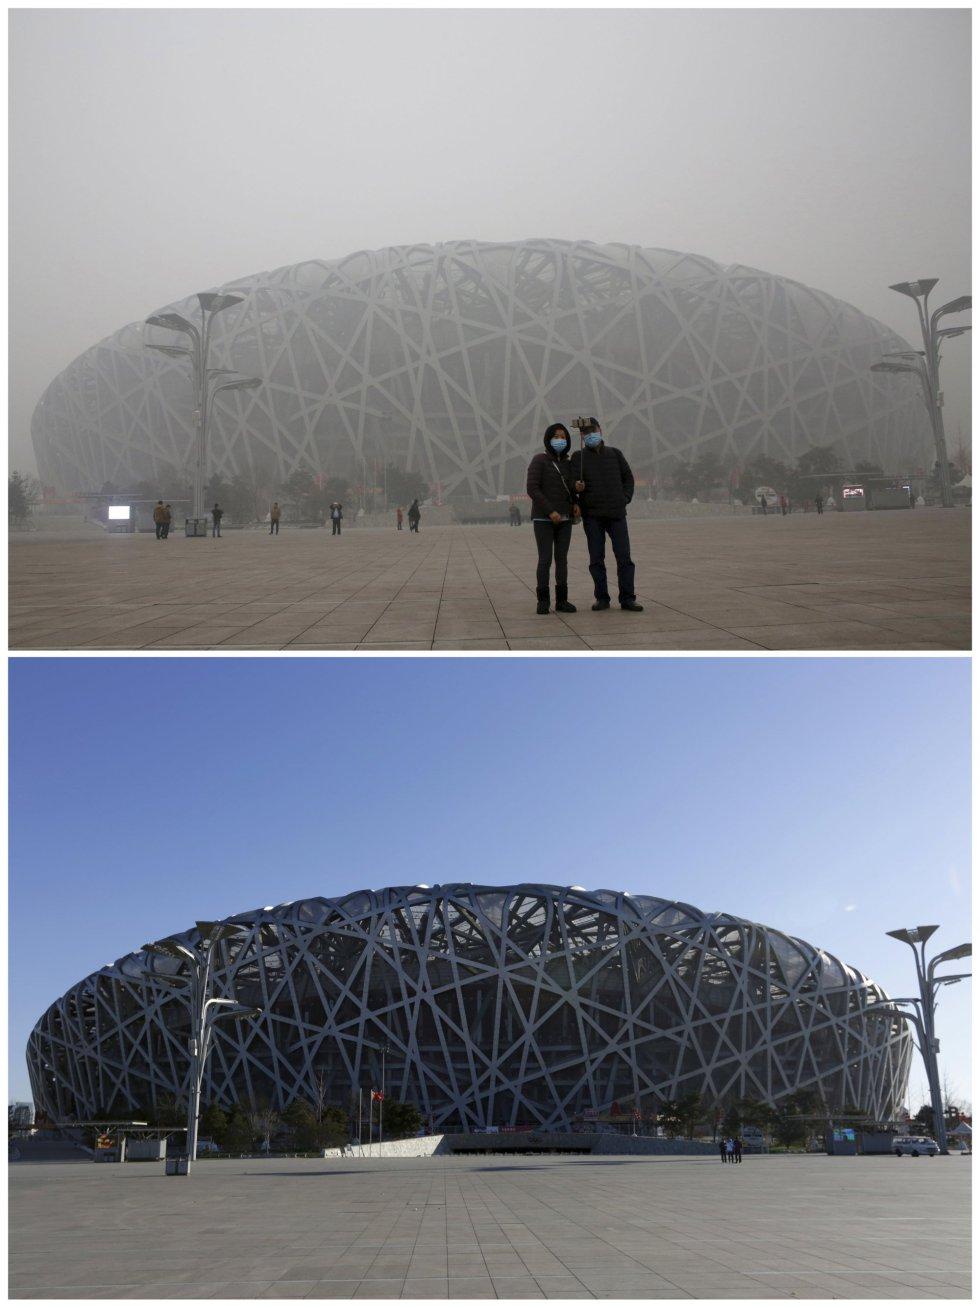 El estadio Nacional ('Nido de pájaro'), visto con contaminación y en un día soleado.